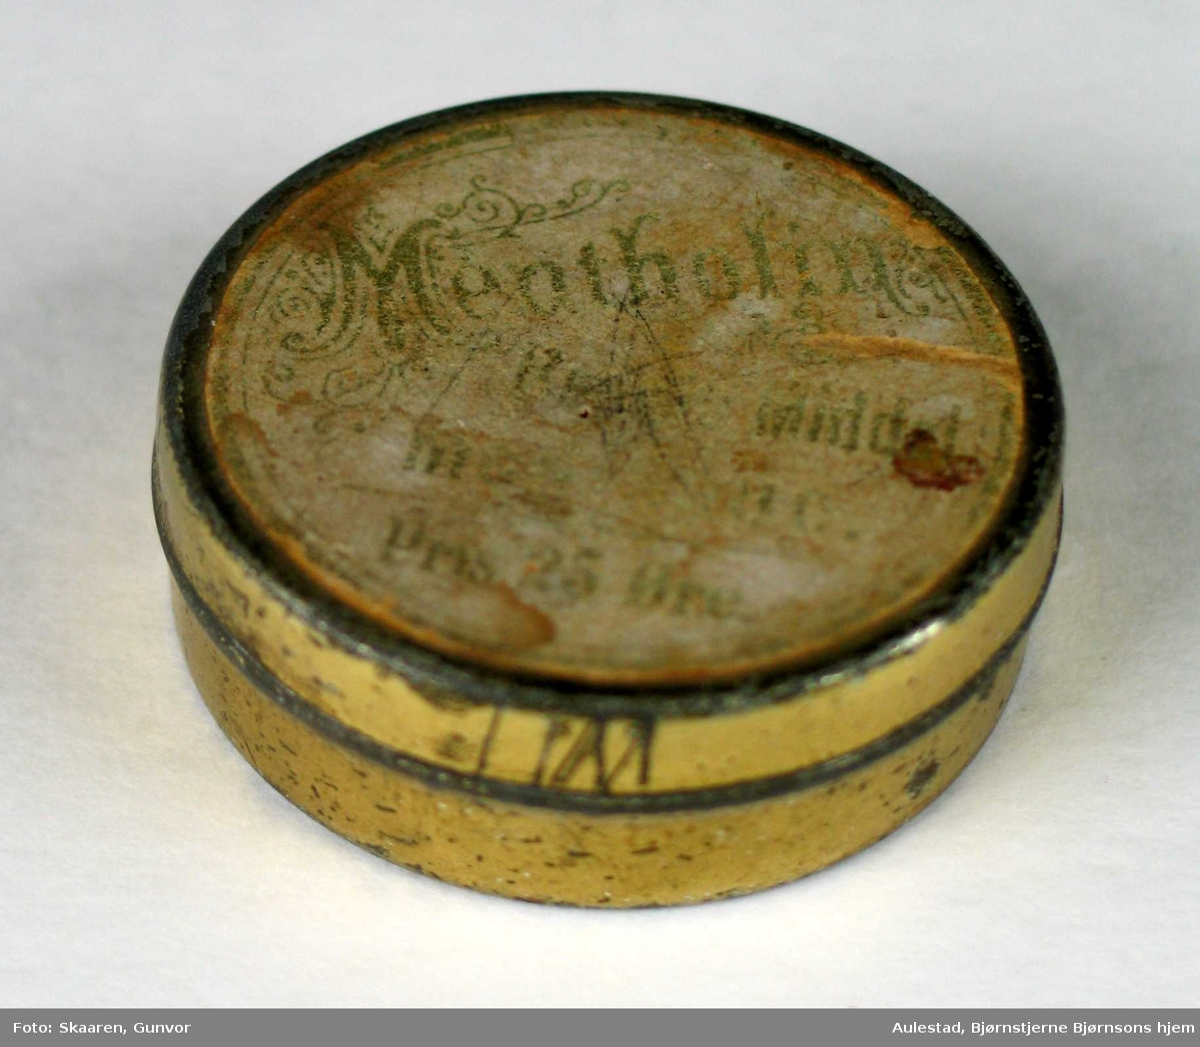 Sylinderformet boks i kartong med lokk. Innhold: små trepinner. Funksjon?